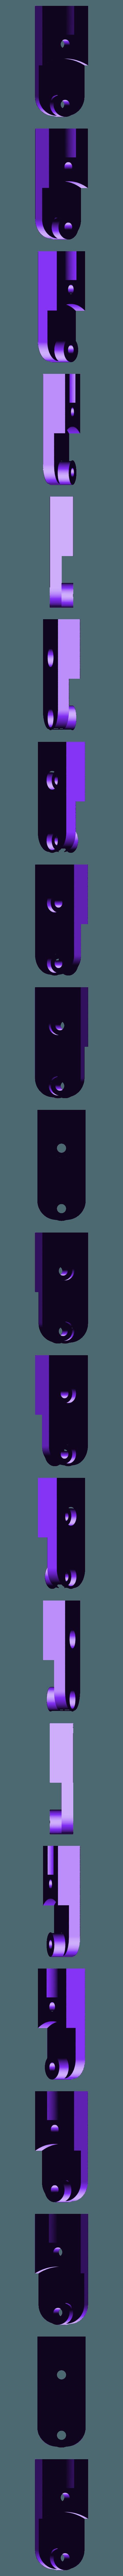 filament_pressure_bar_partA.stl Télécharger fichier STL gratuit Extrudeuse à engrenages • Modèle pour impression 3D, Job